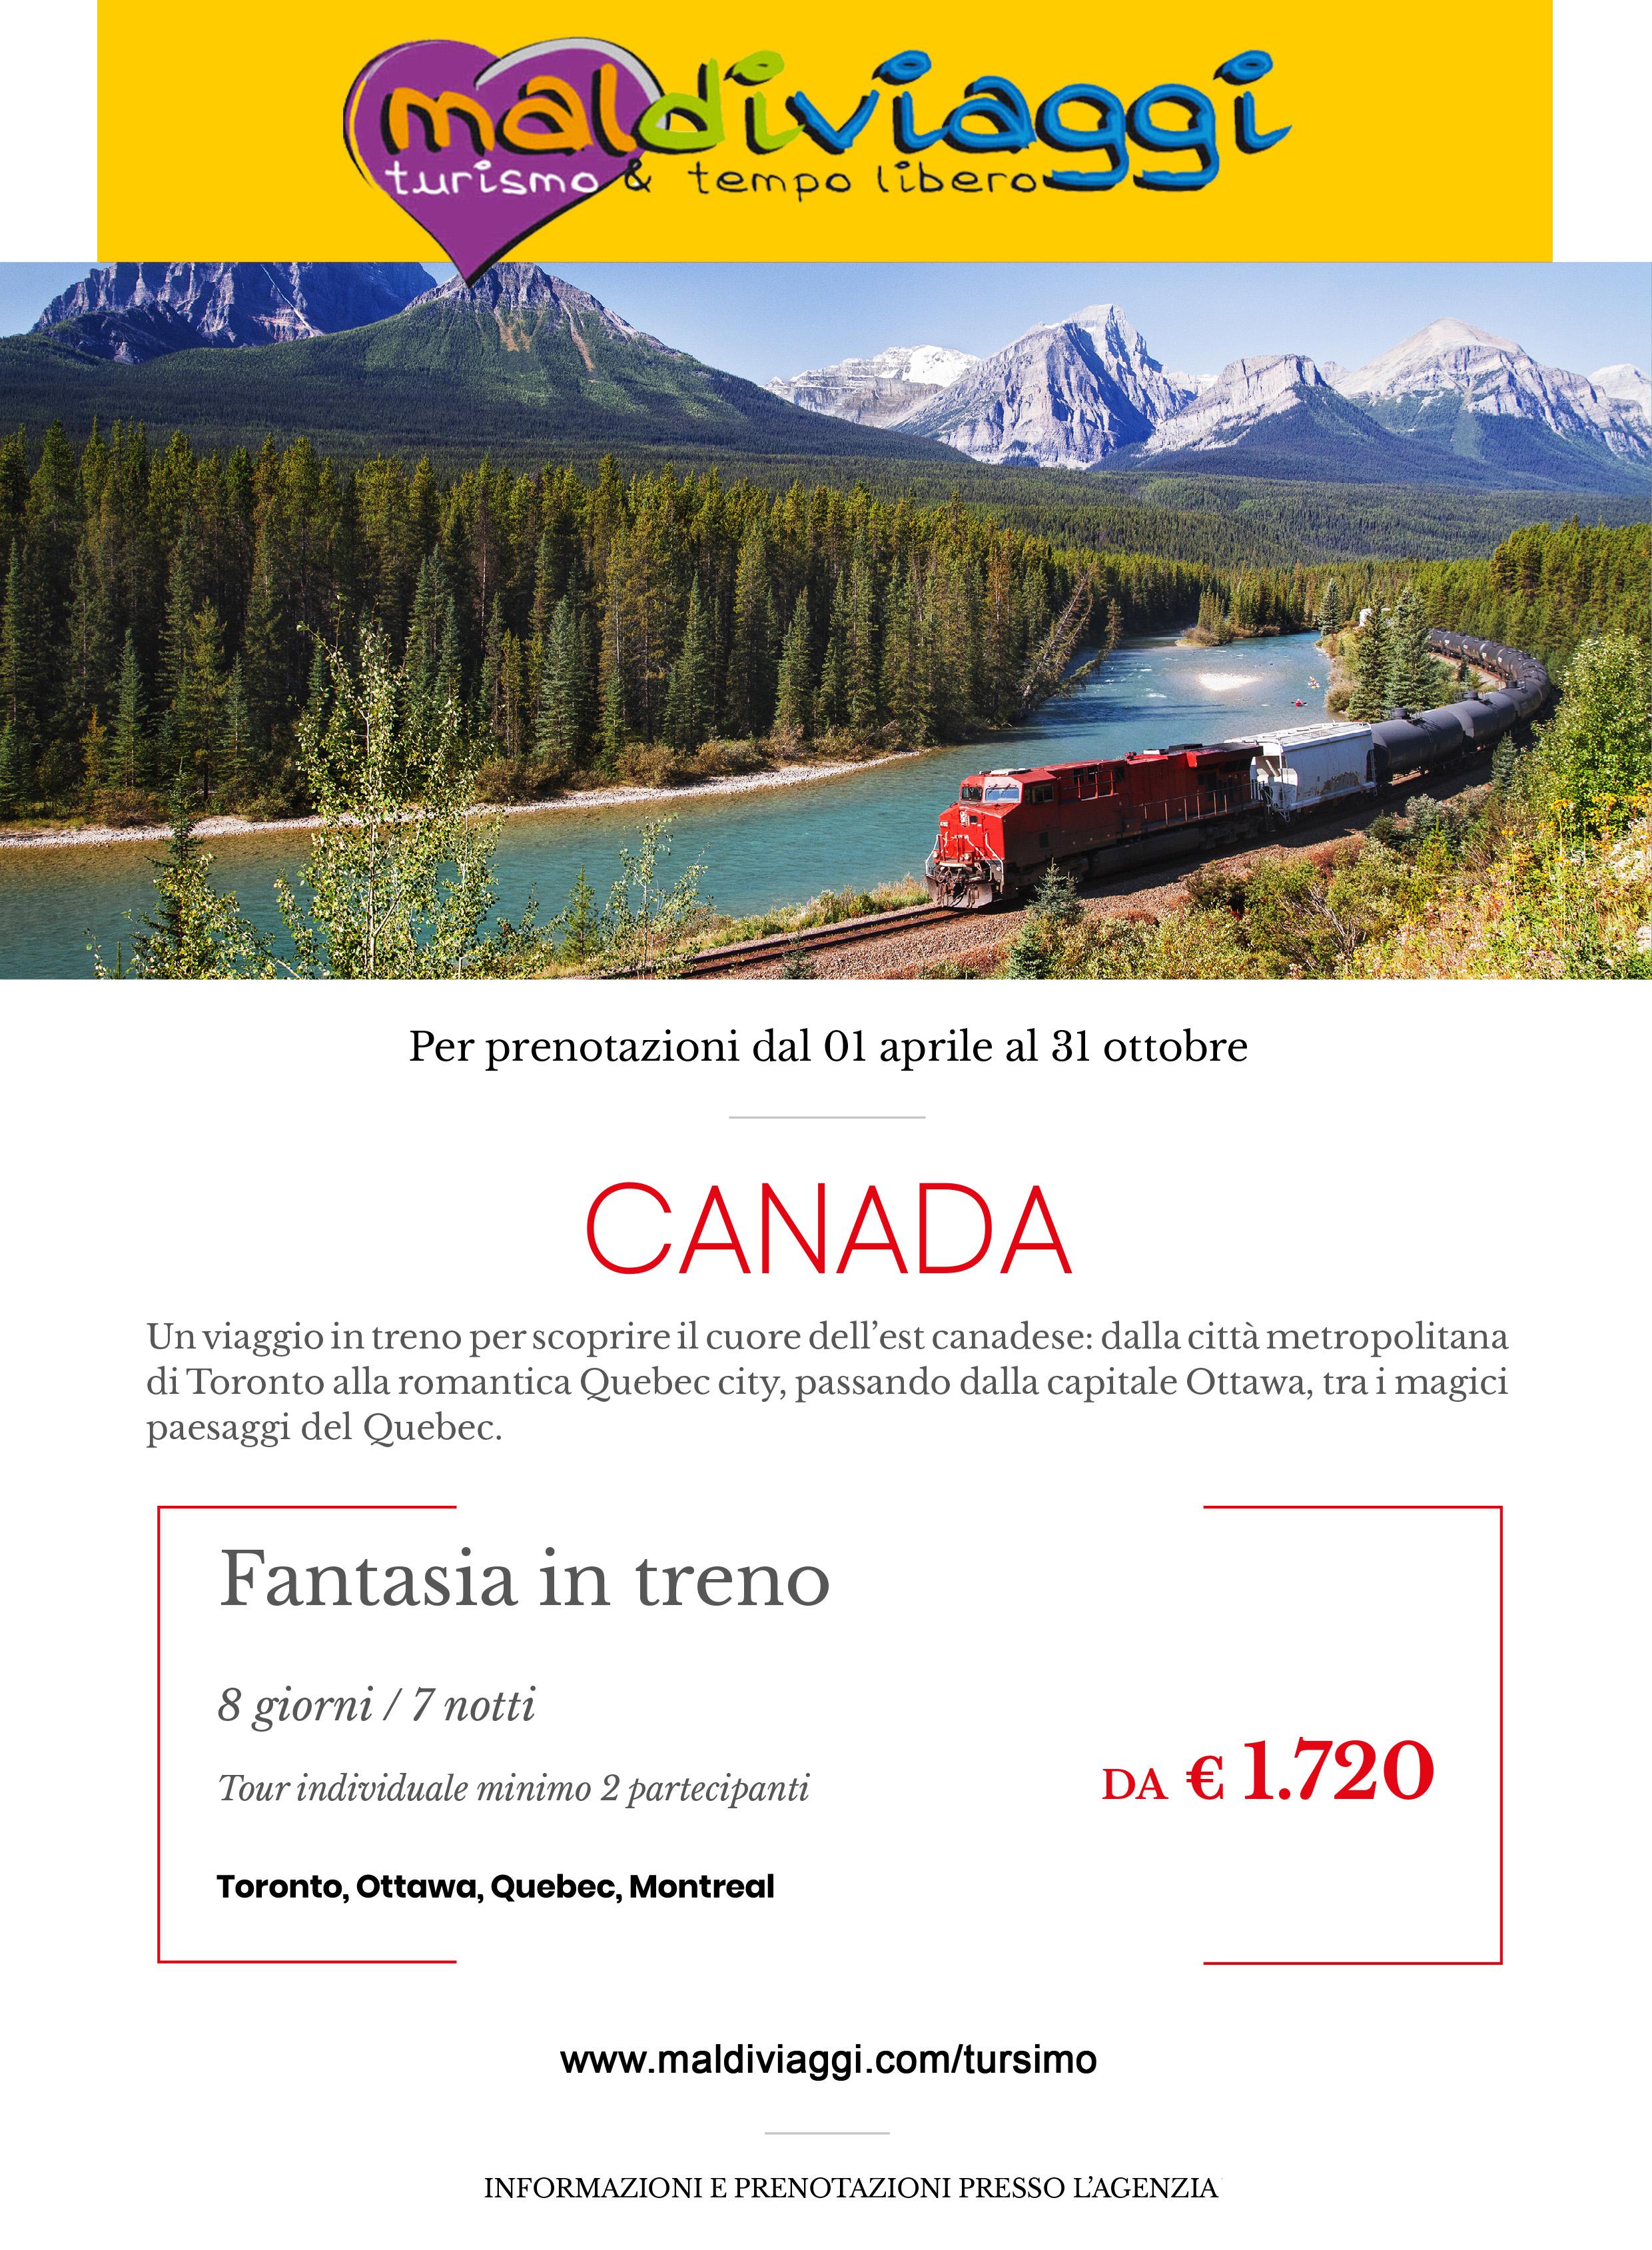 Canada fantasia in treno